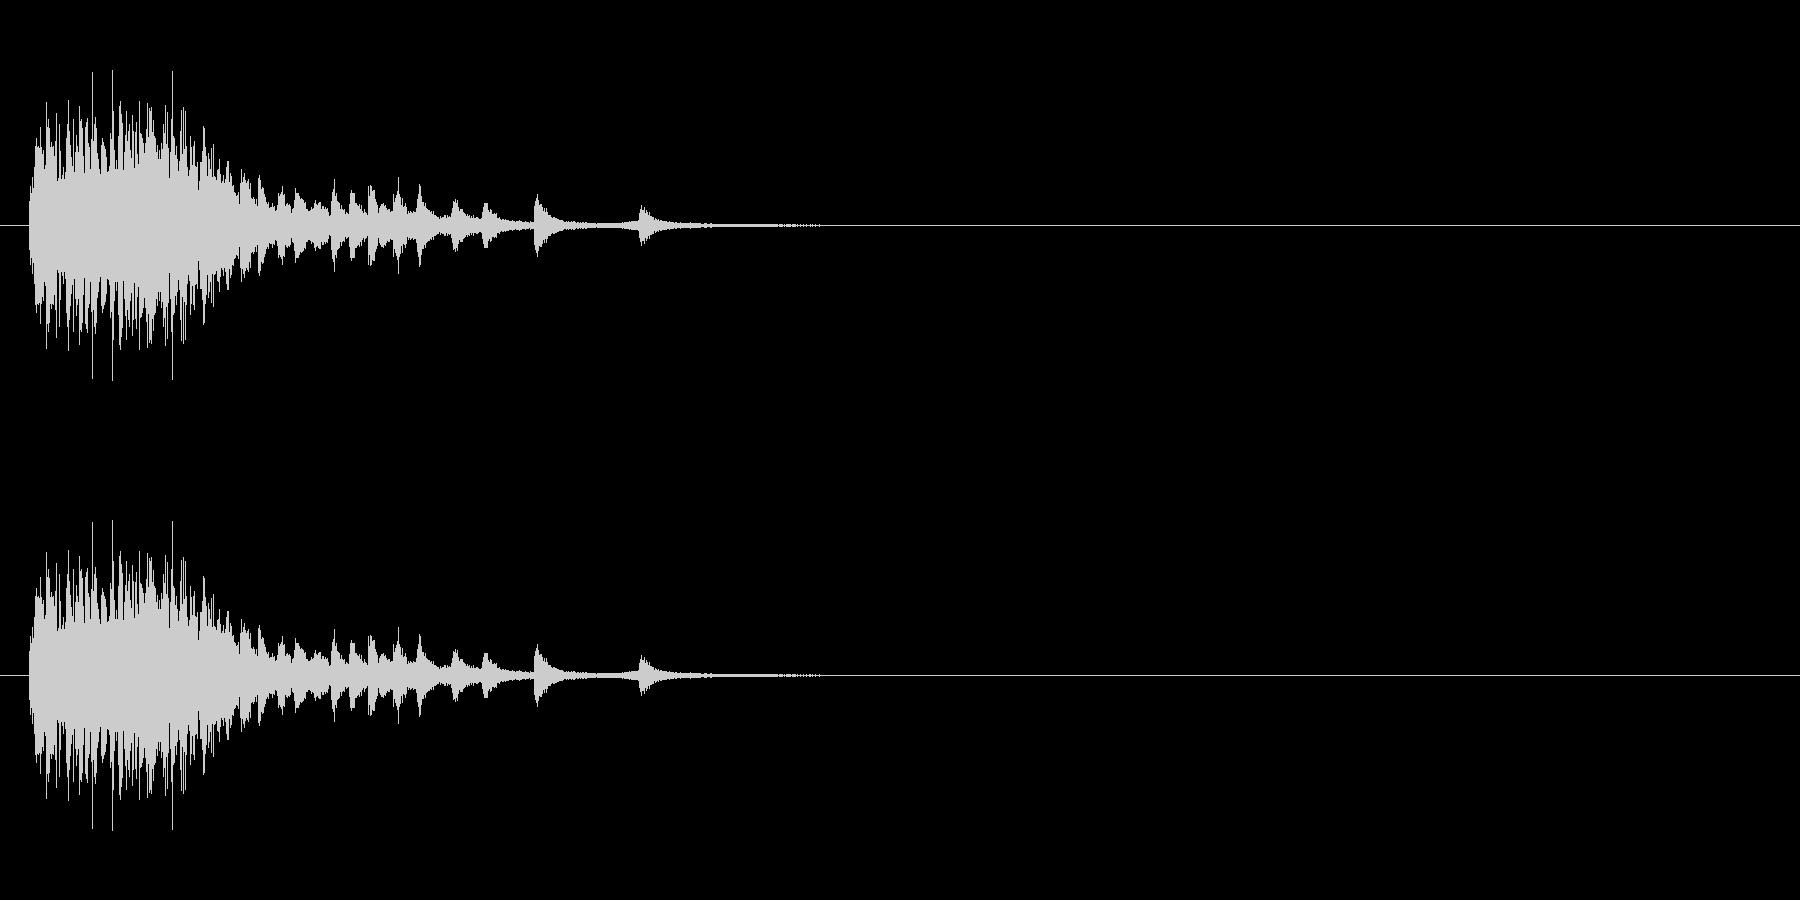 ホラー サスペンスなどの効果音に最適3の未再生の波形